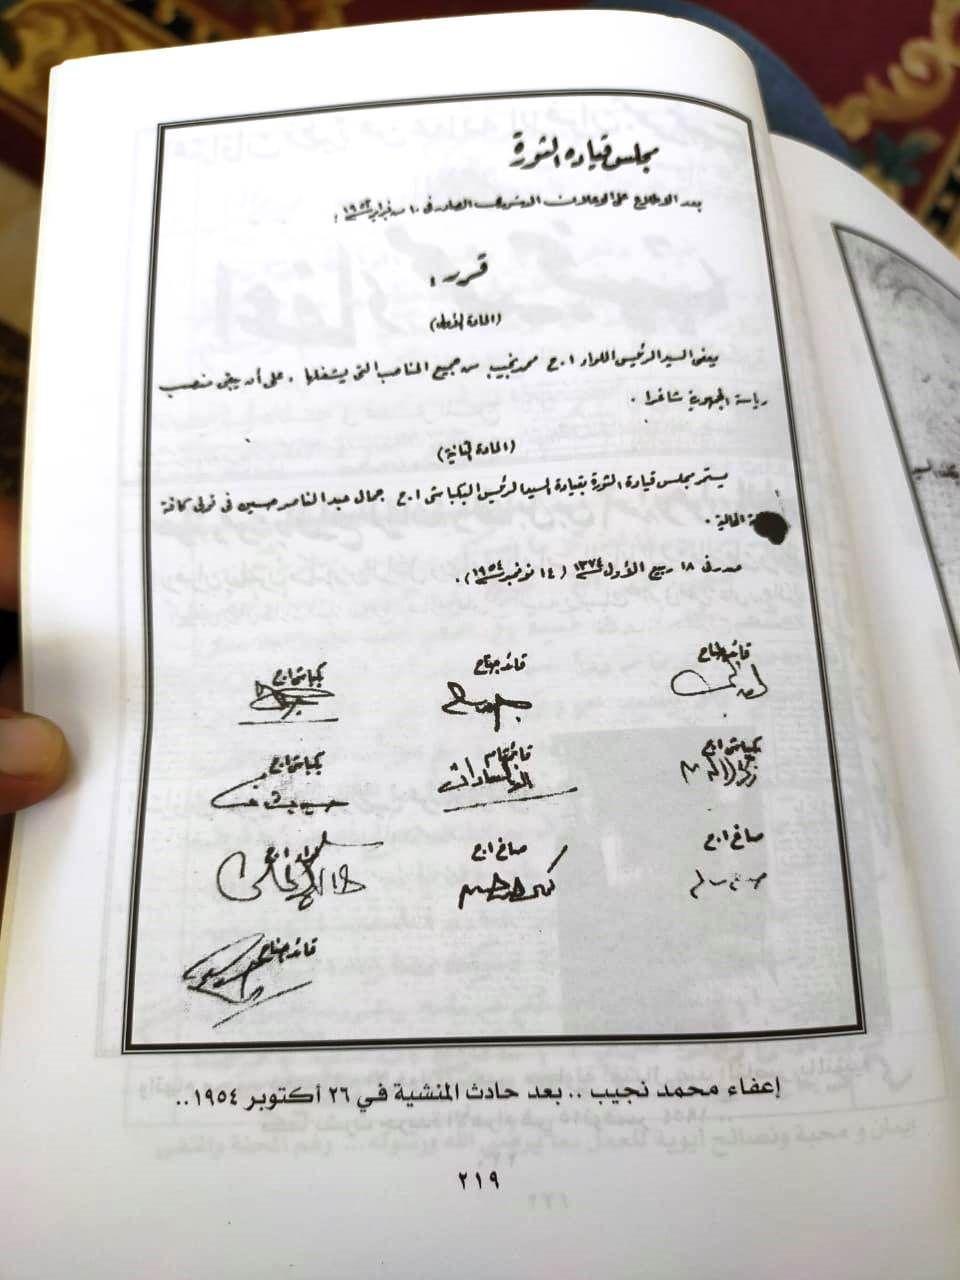 قرار مجلس قيادة الثورة بإعفاد اللواء محمد نجيب من جميع المناصب